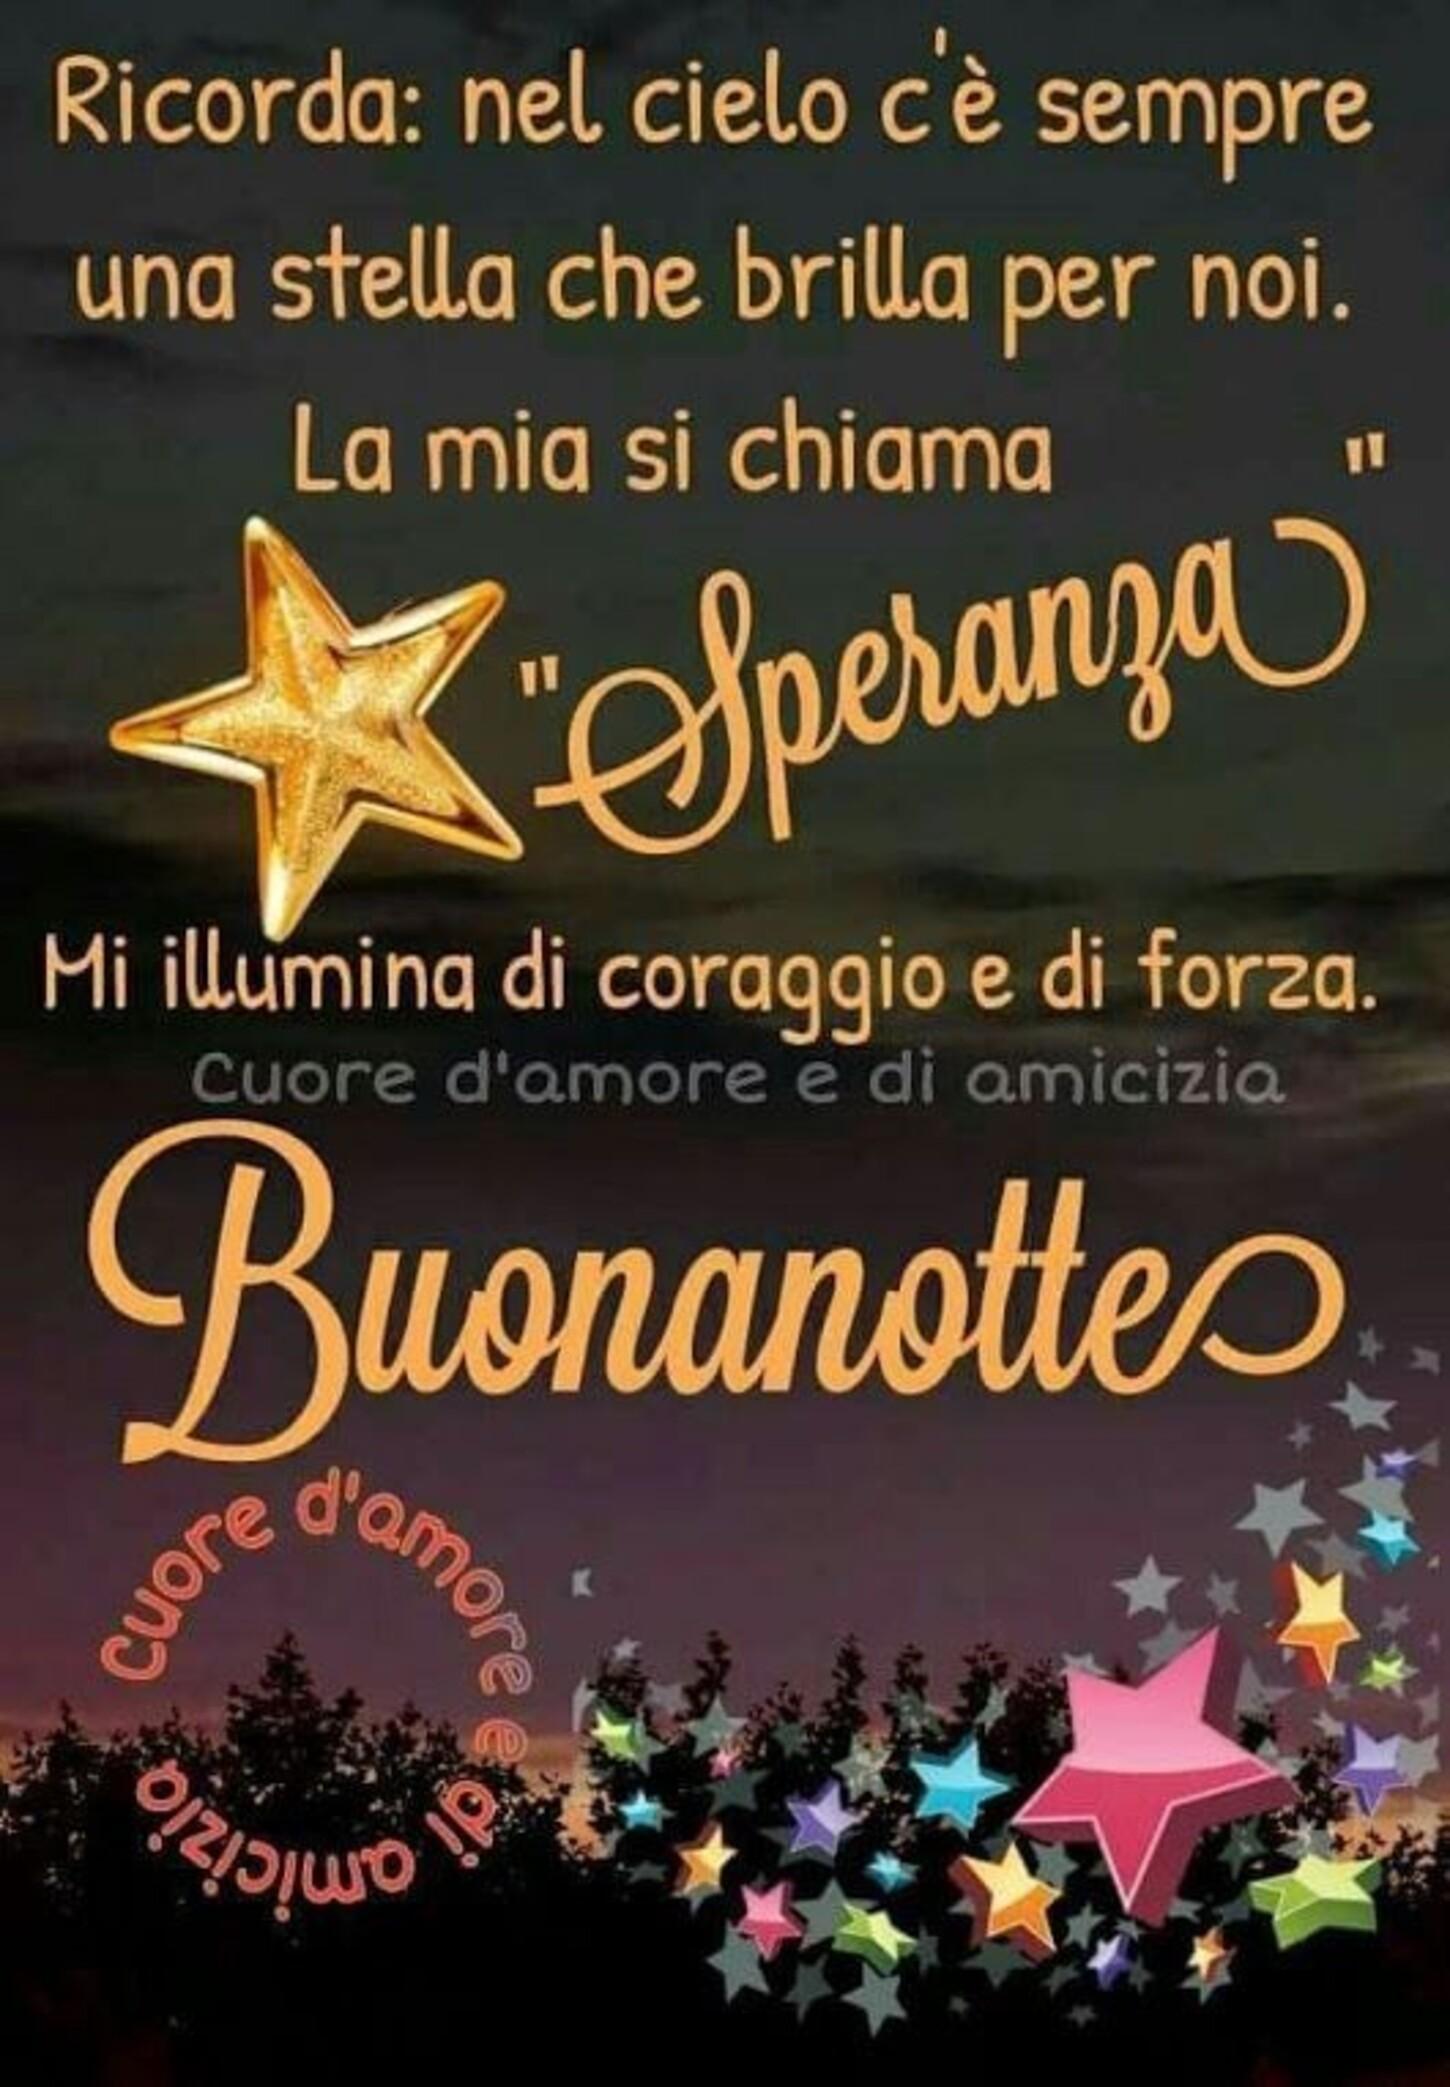 """Ricorda: Nel cielo c'è sempre una stella che brilla per noi. La mia si chiama """"Speranza"""". Mi illumina di Coraggio e di Forza. Buonanotte"""